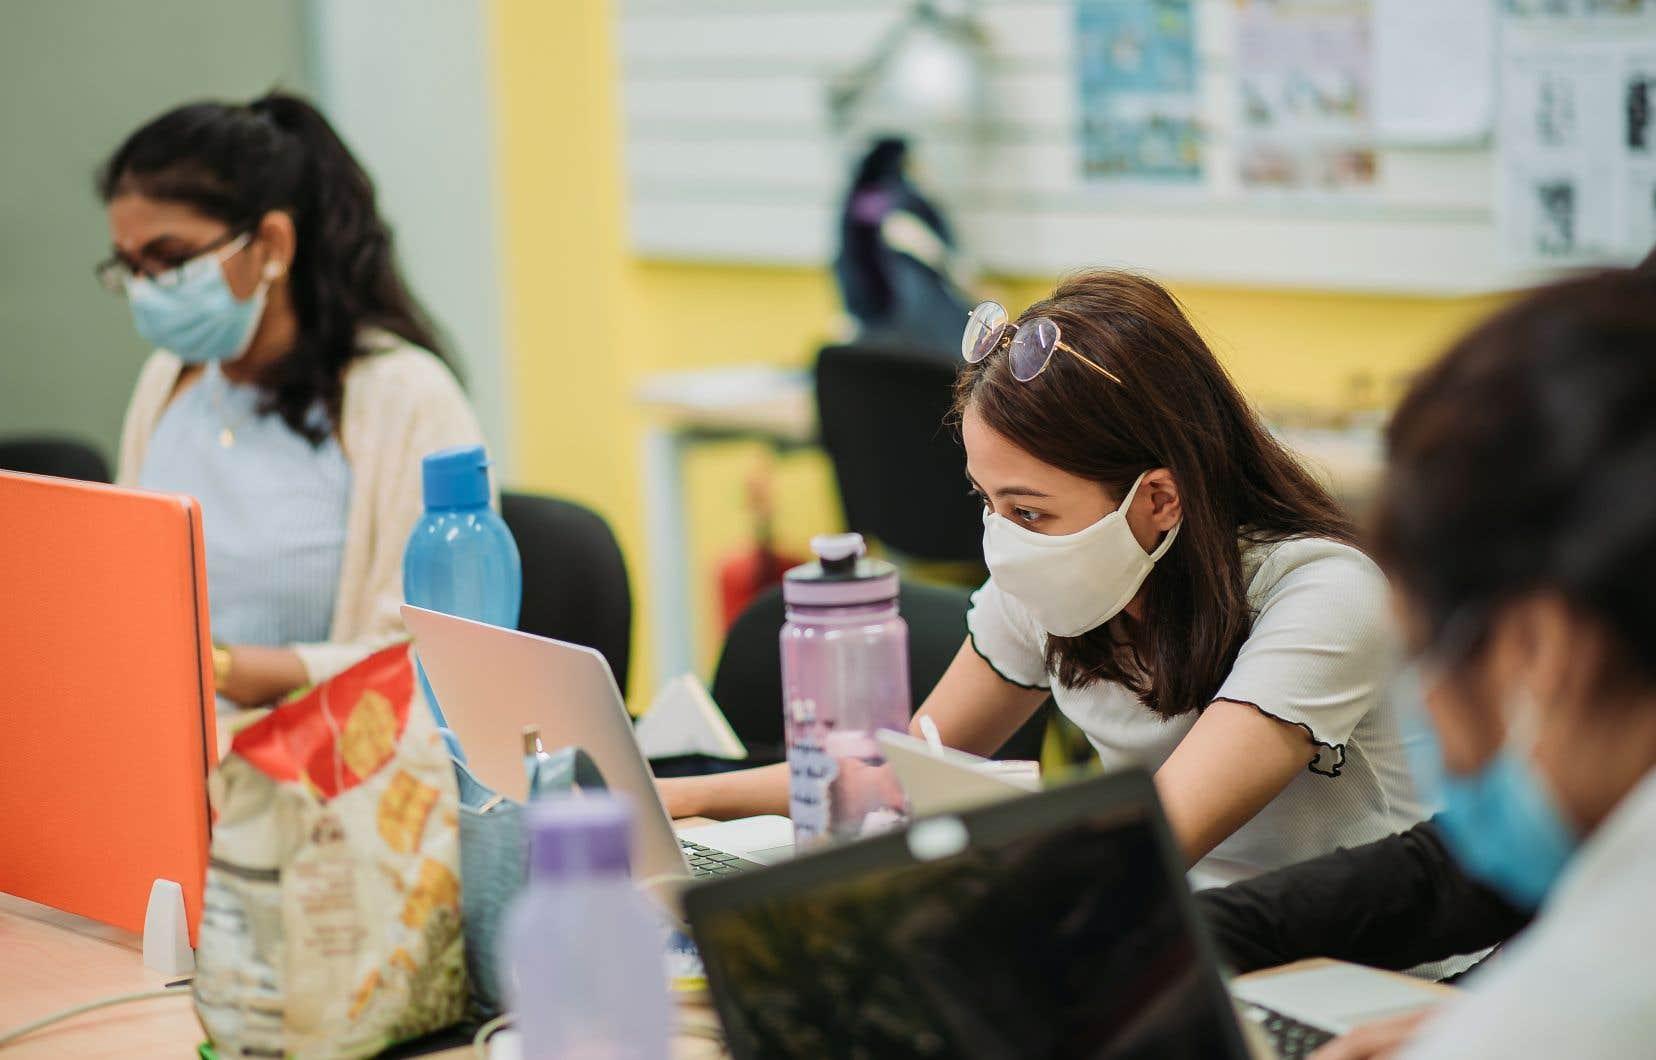 En dix ans (2011 à 2019), les étudiants internationaux de niveau collégial ont connu une augmentation de 369%, et près des trois quarts se concentrent dans la région de Montréal.